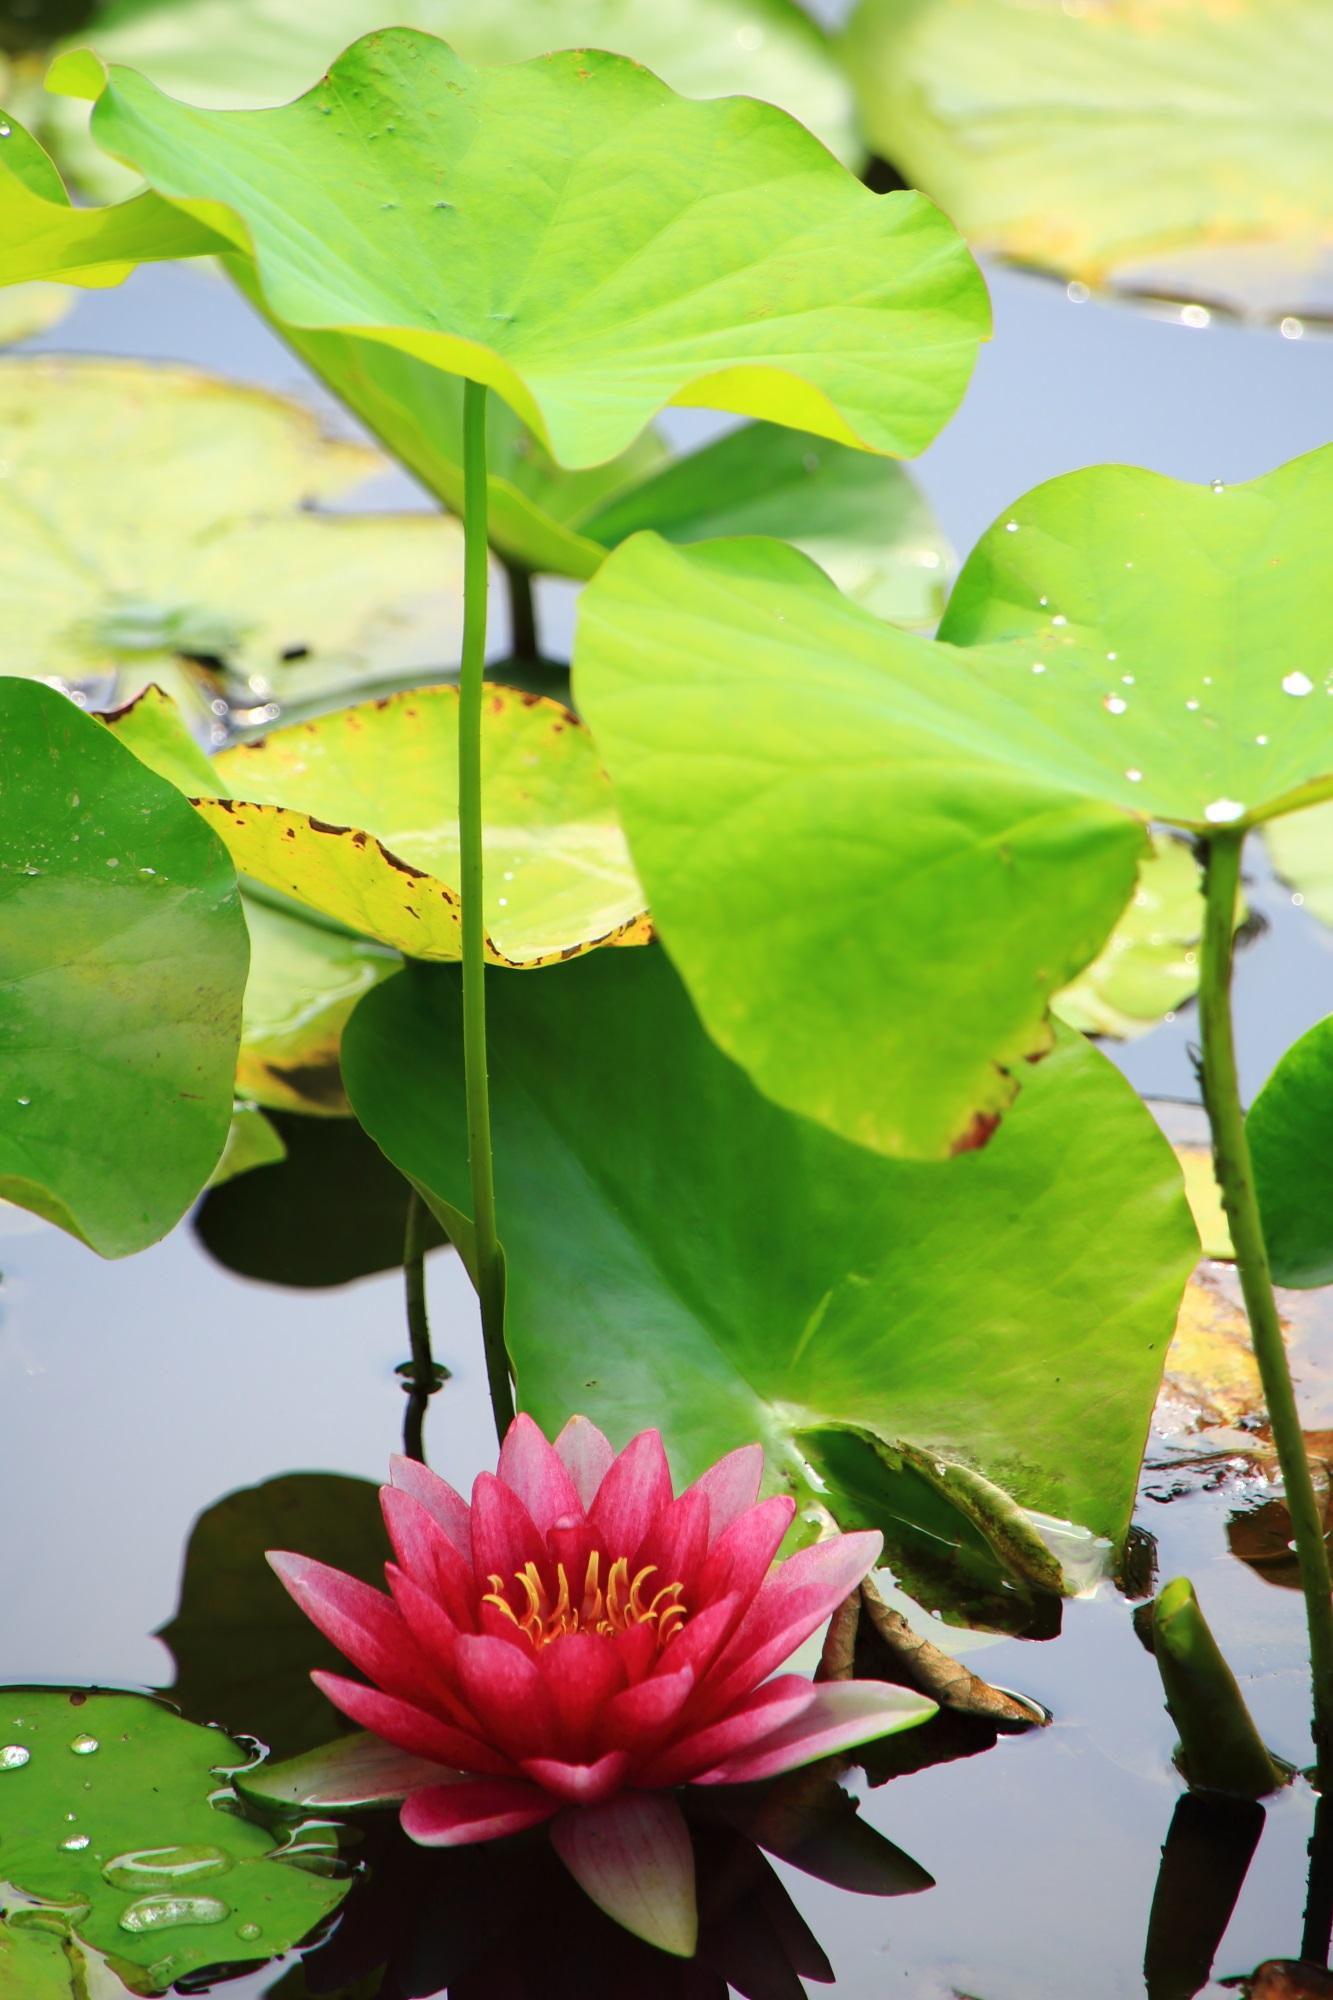 緑の葉の傘をさしたような鮮やかな睡蓮